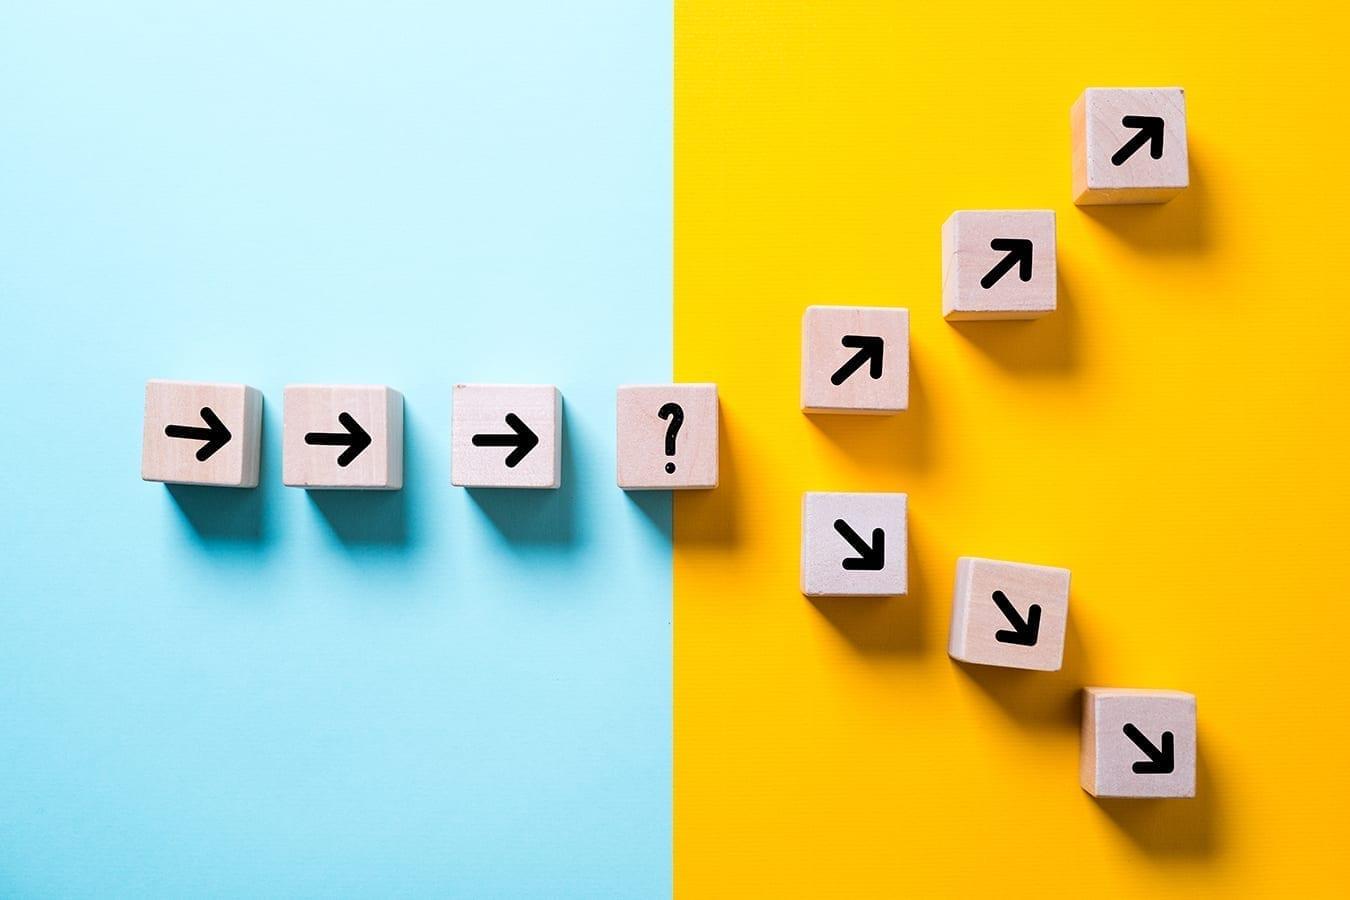 Quoi faire et ne pas faire lorsqu'on devient gestionnaire